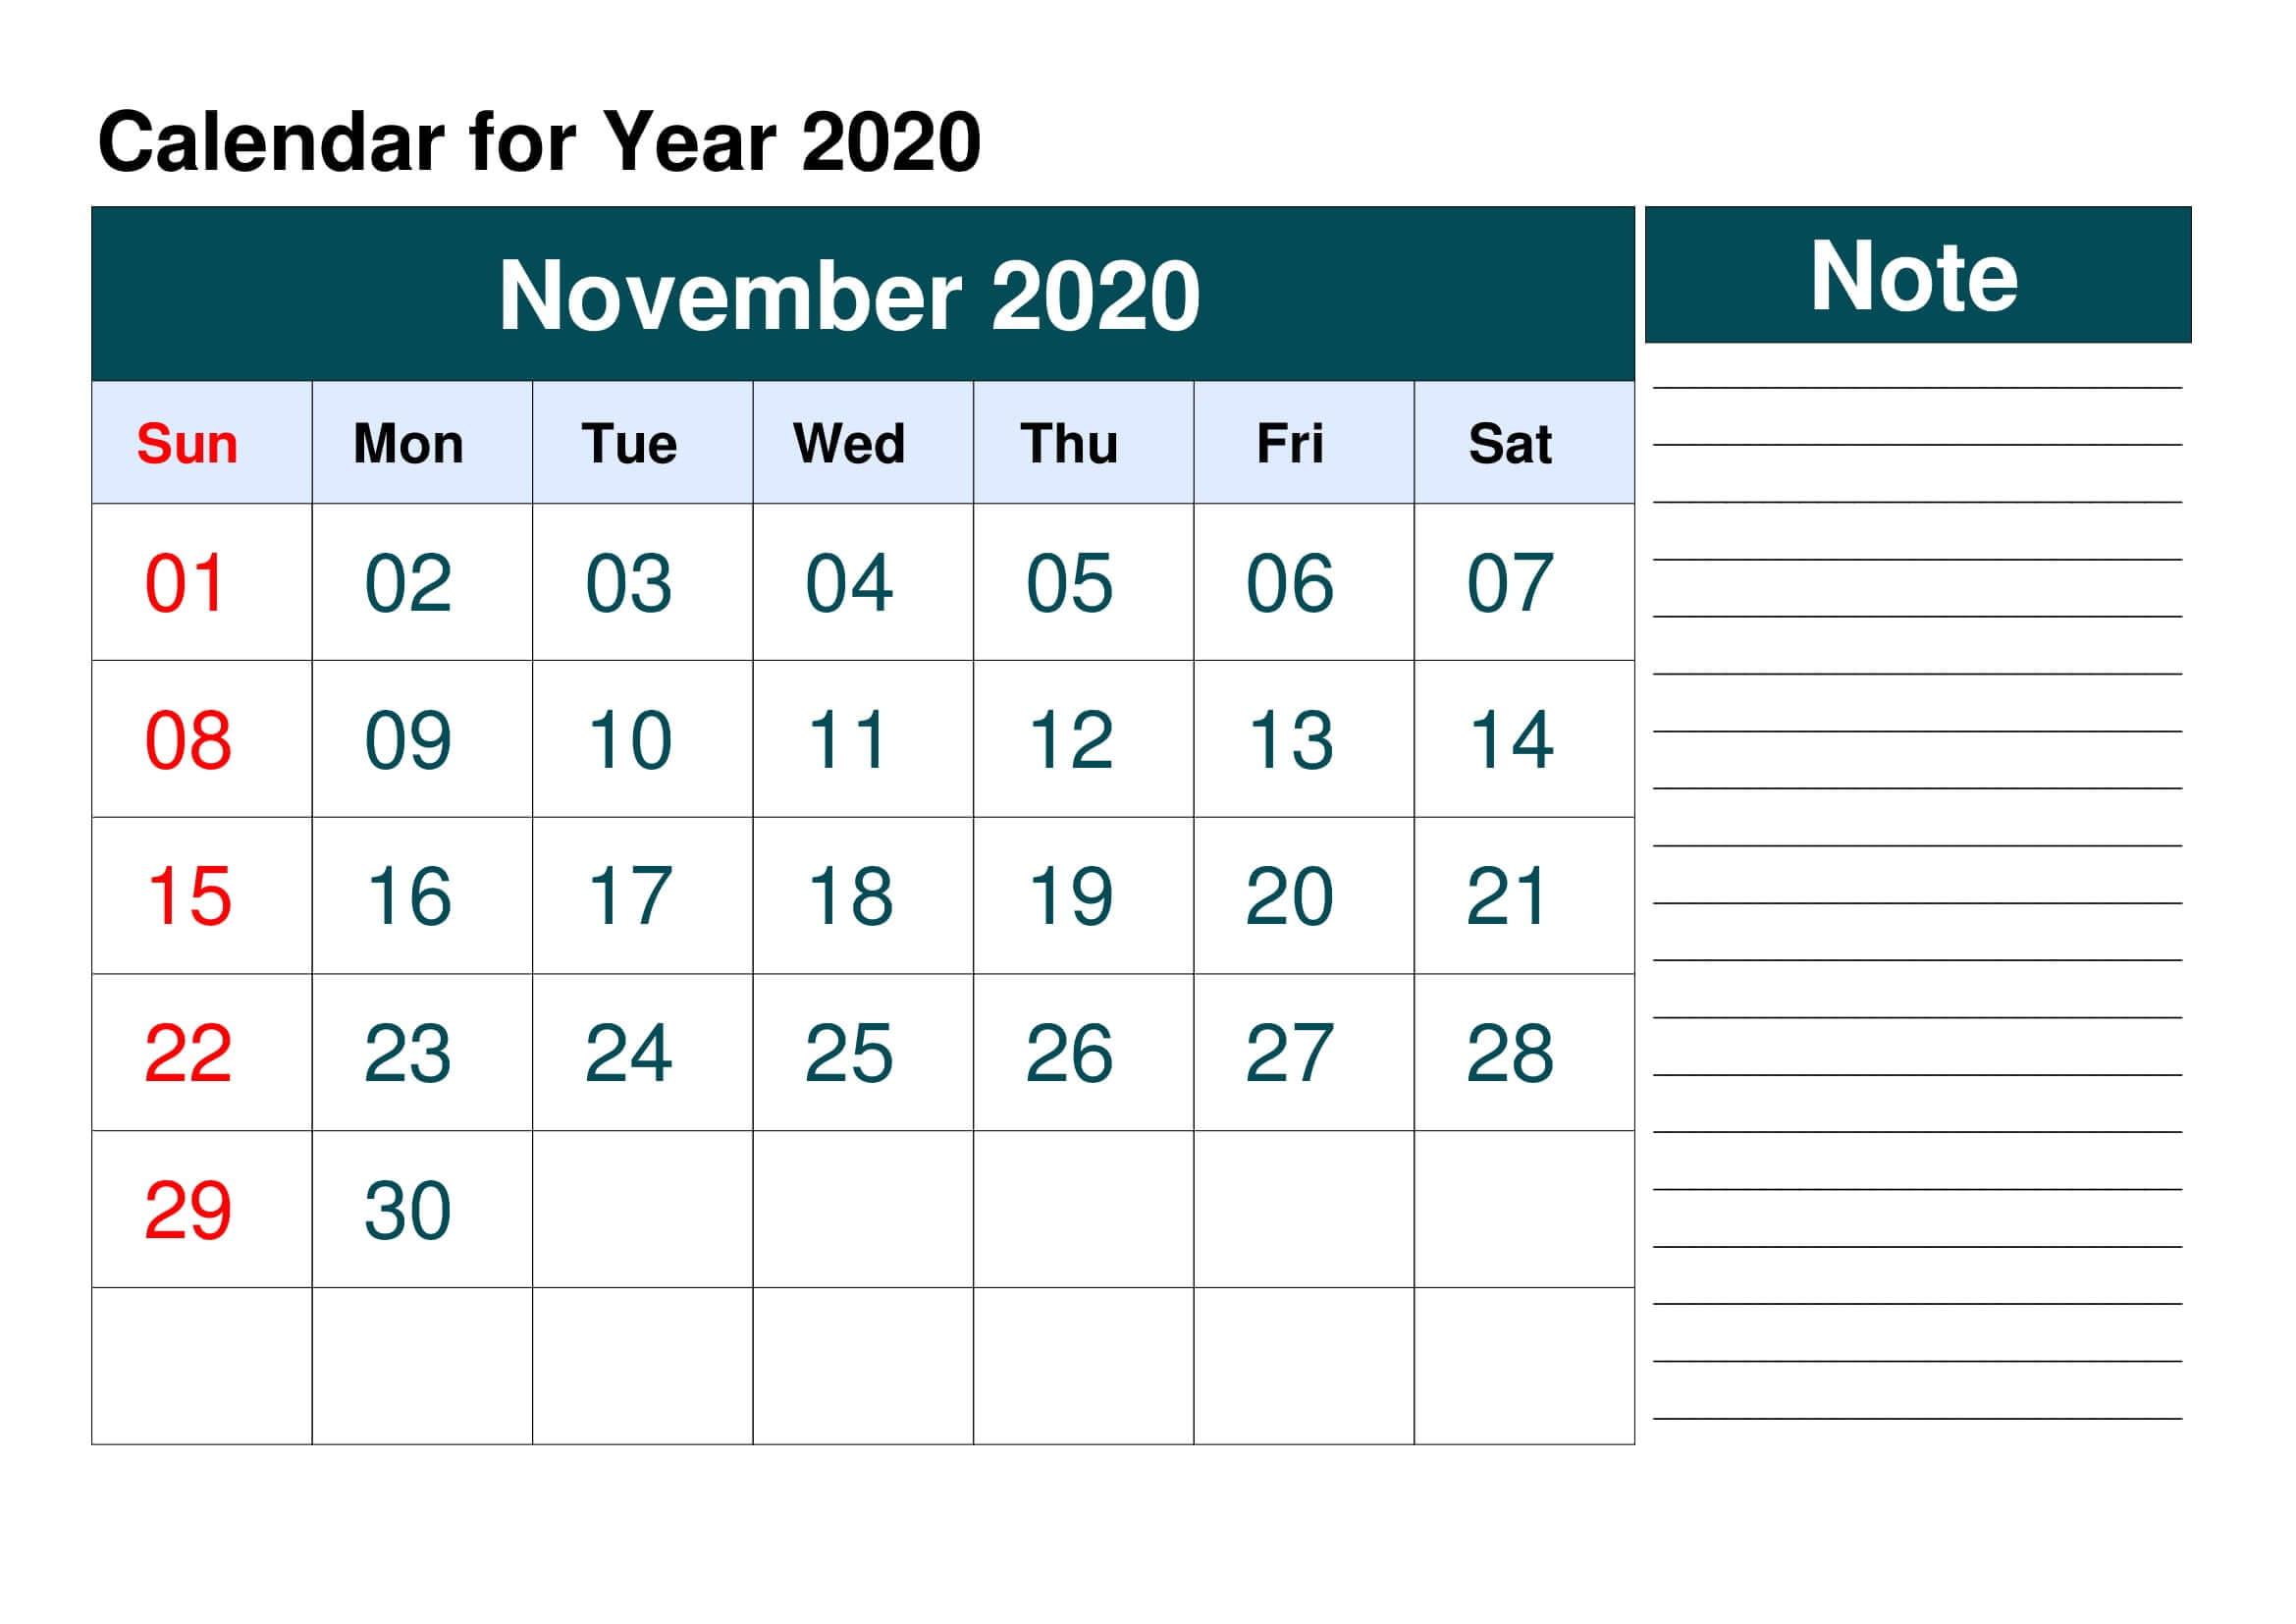 Blank Calendar For November 2020